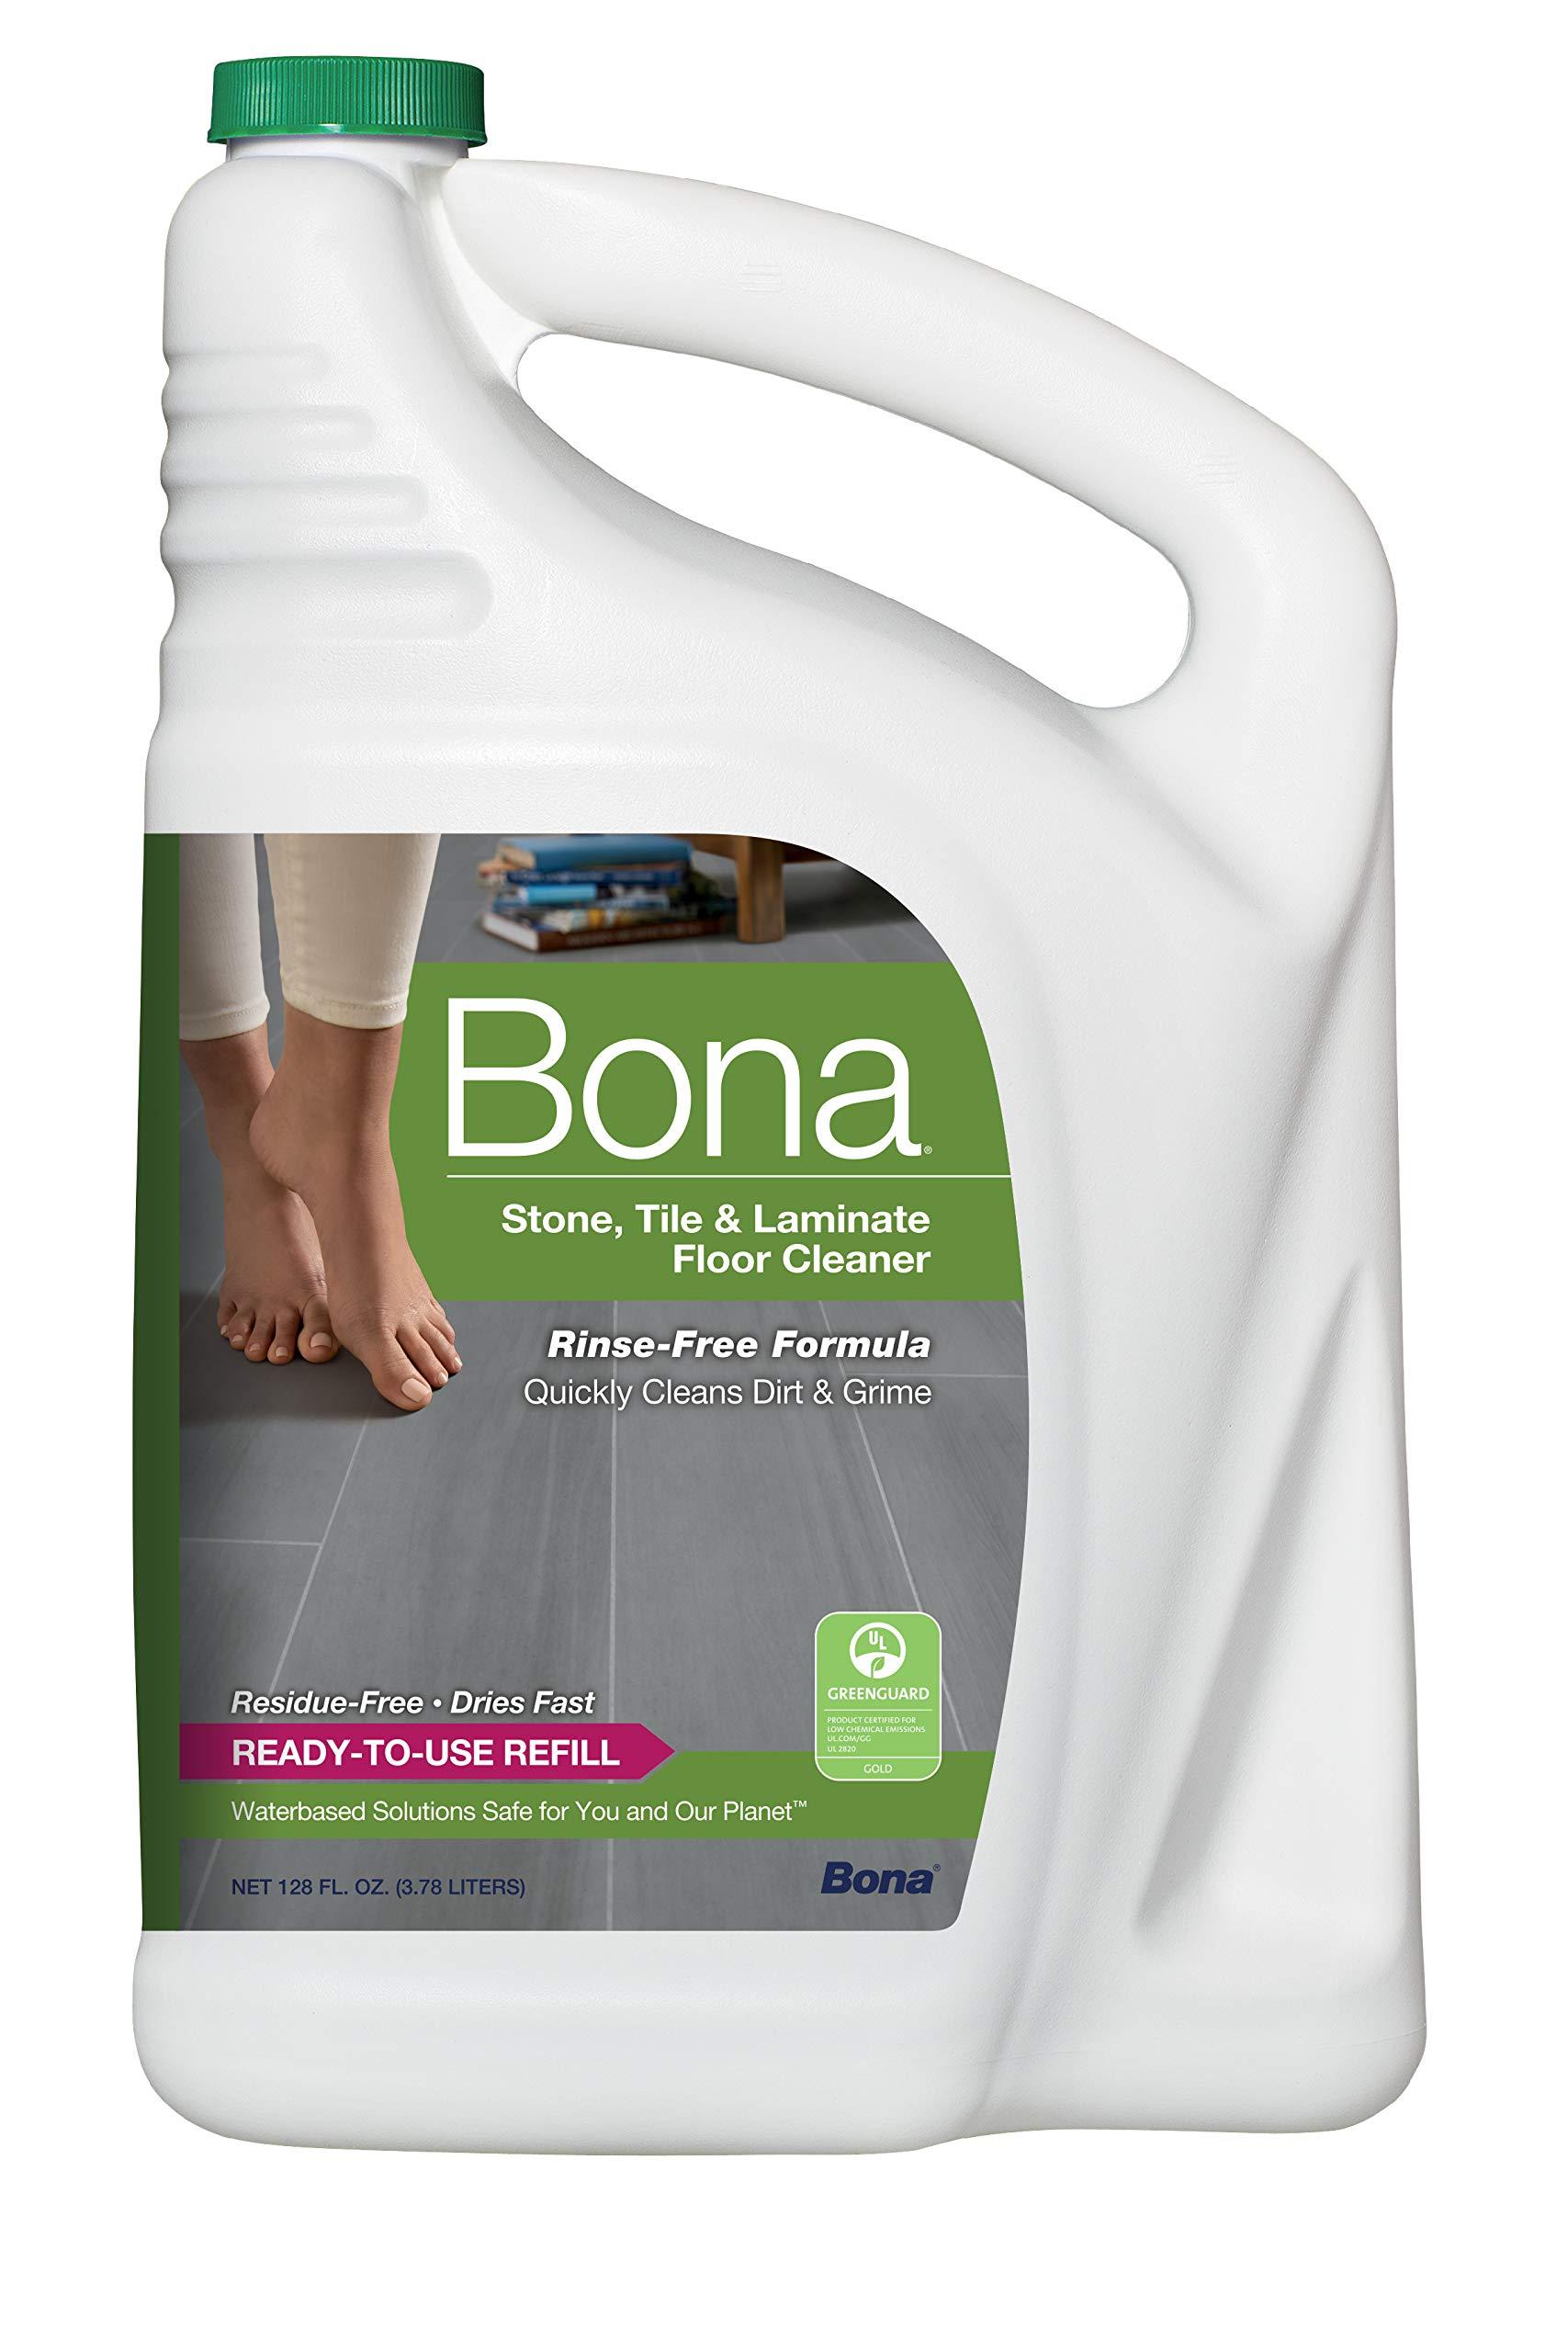 Bona Stone, Tile & Laminate Floor Cleaner Refill, 128 oz by Bona